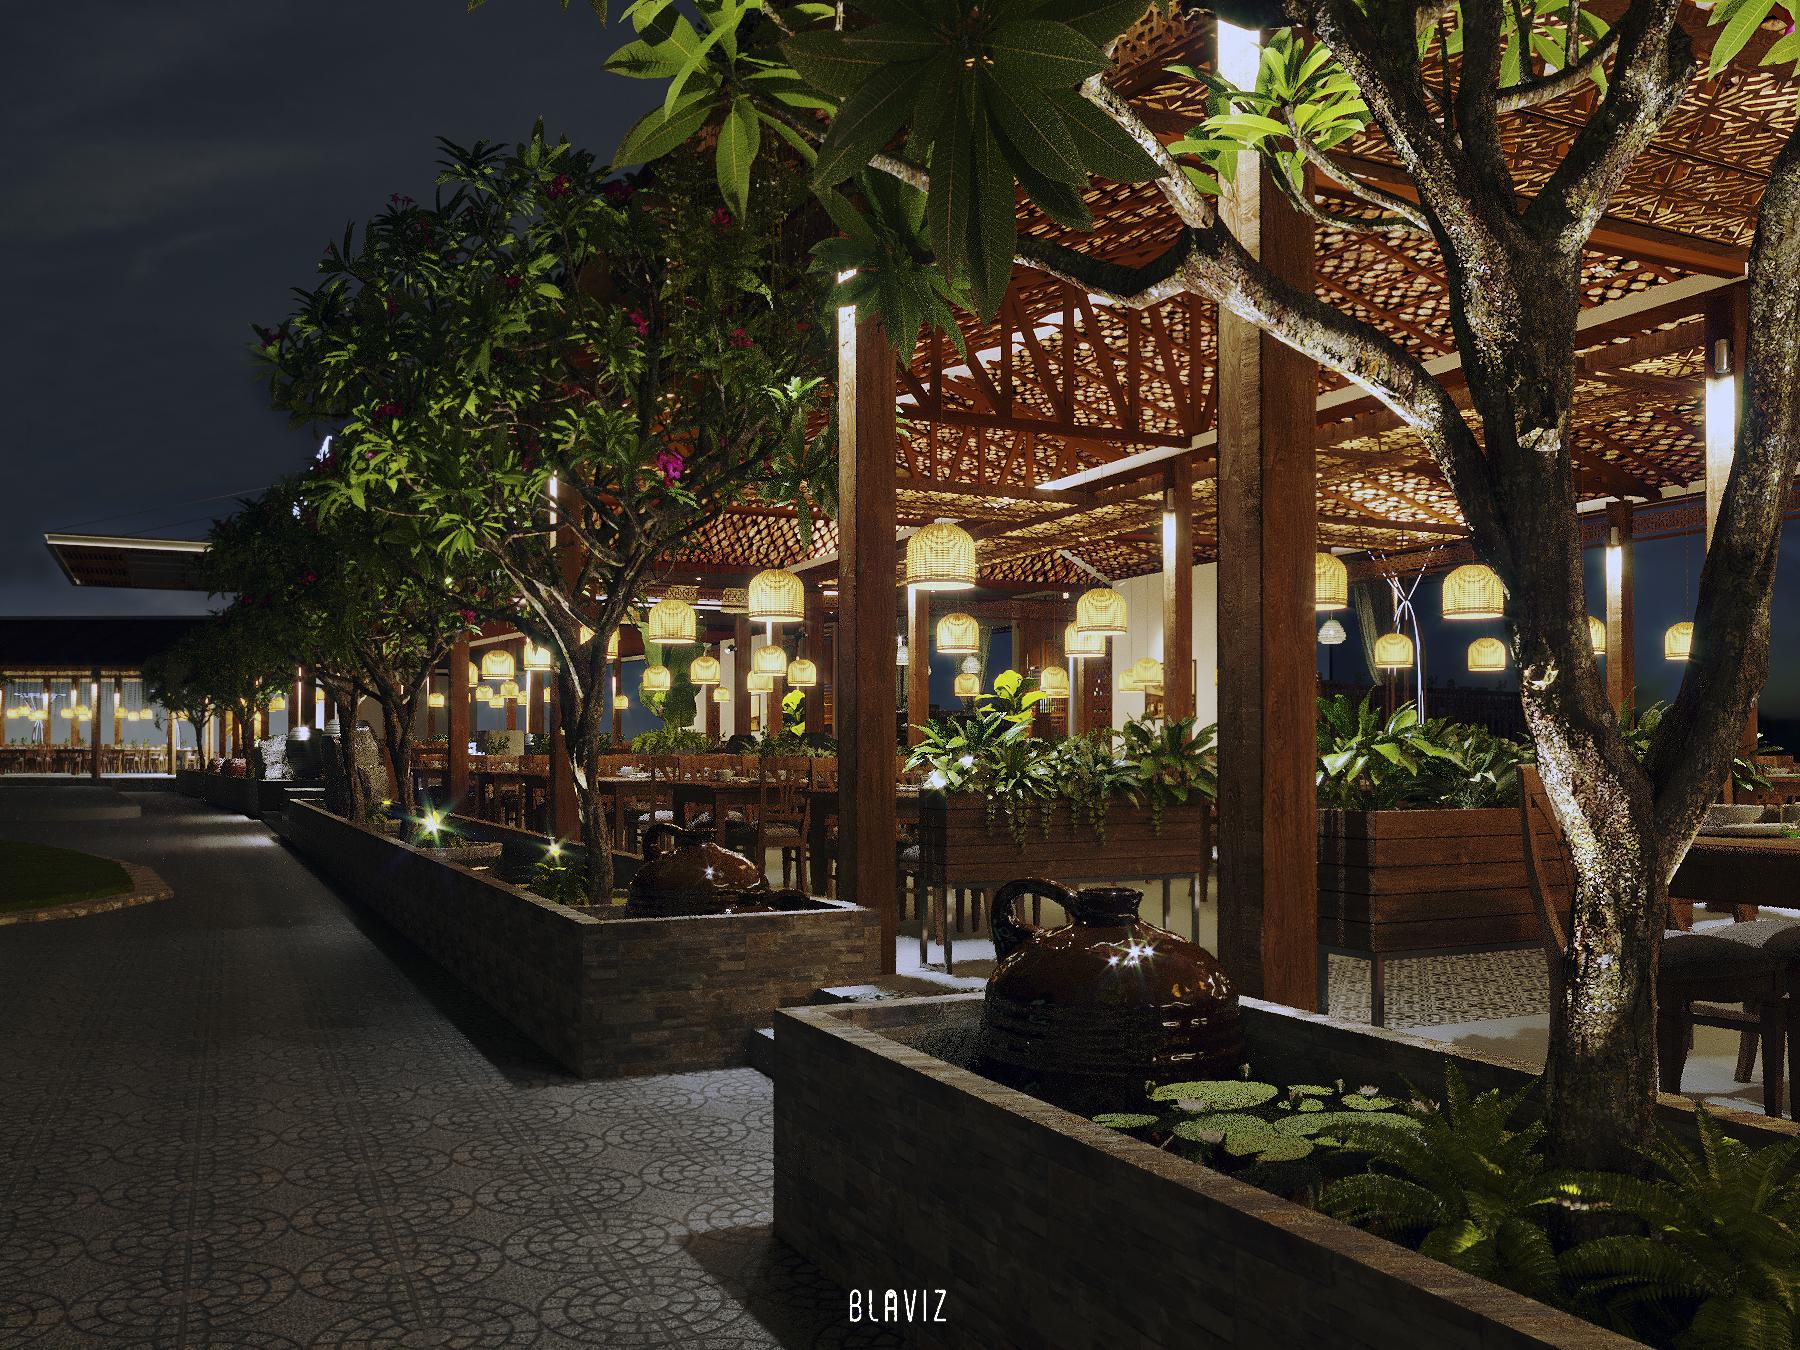 Thiết kế Nhà Hàng tại Hồ Chí Minh 2019_SAKE RESTAURANT 1595400260 7